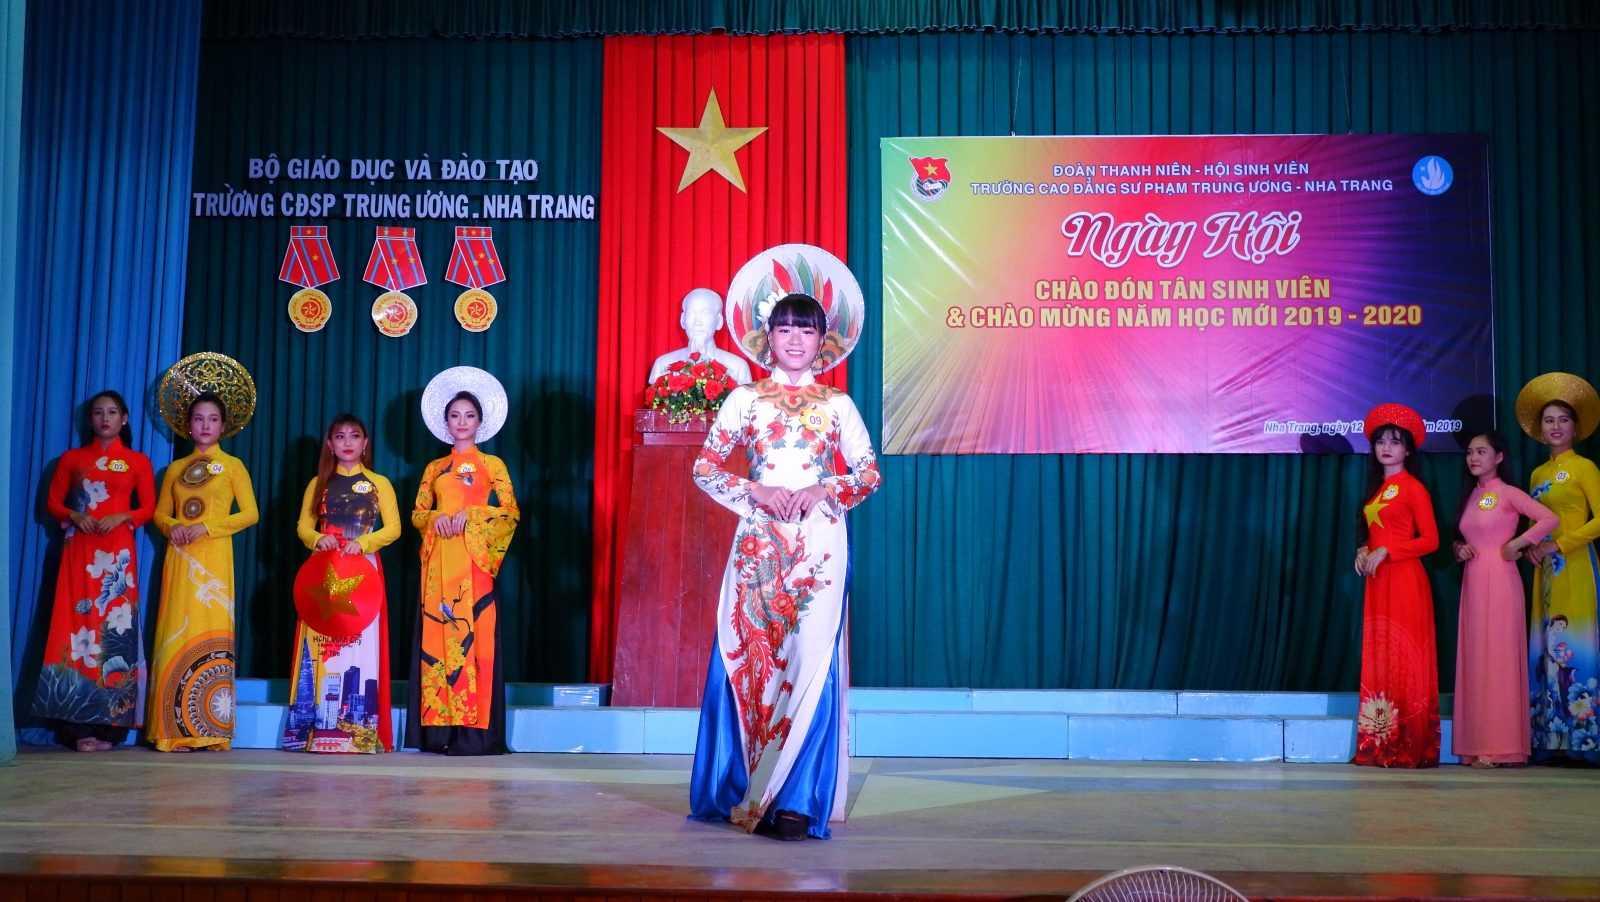 TRƯỜNG CĐSP TRUNG ƯƠNG NHA TRANG: Dạ hội chào tân sinh viên và chào mừng Năm học mới 2019 - 2020 12